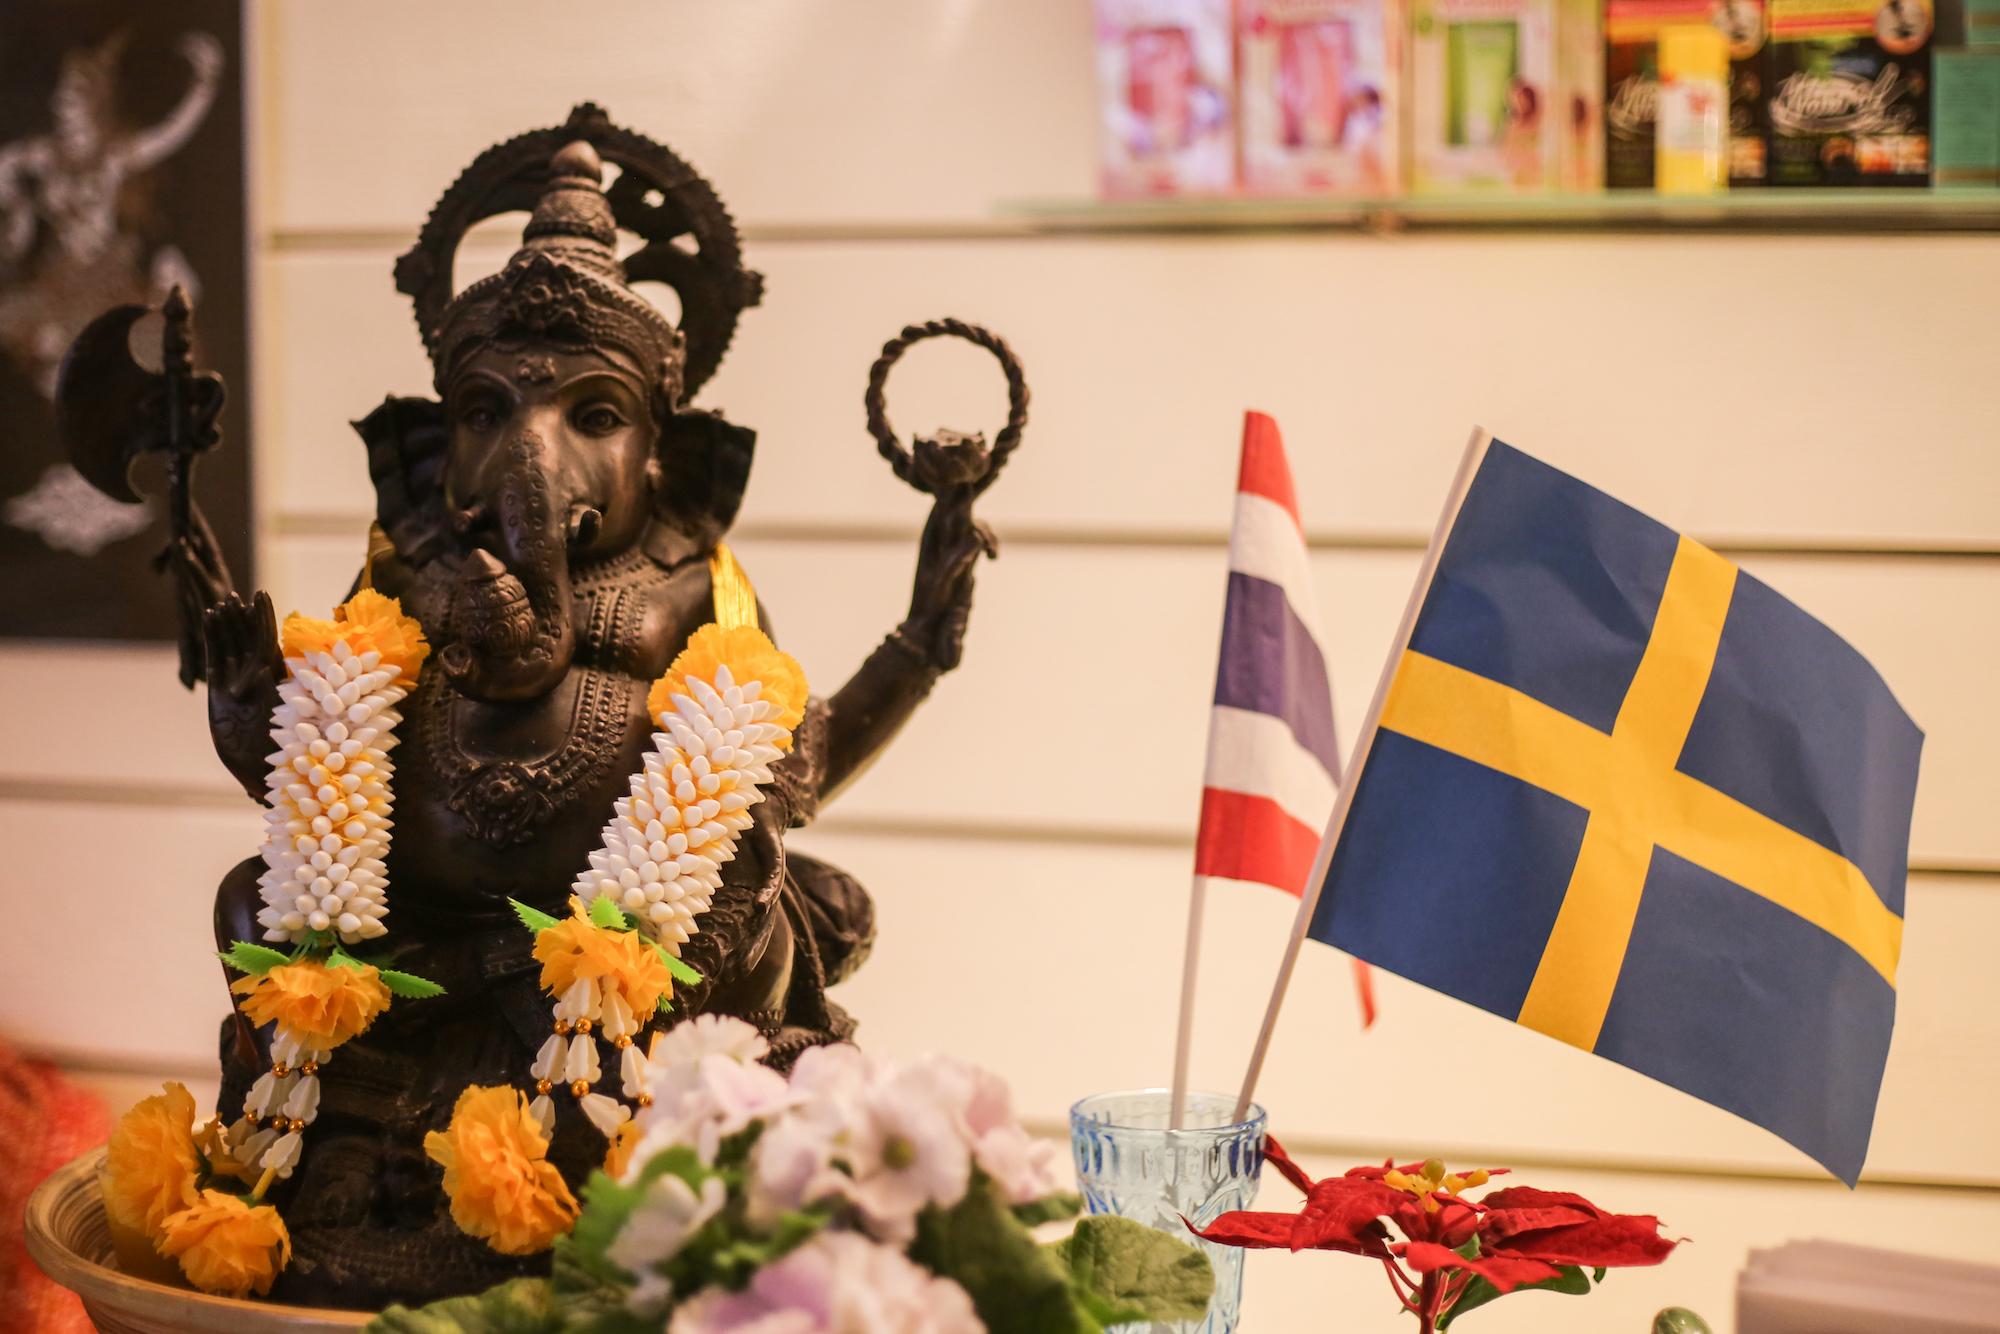 Thaimassage happy ending stockholm sex i stockholm